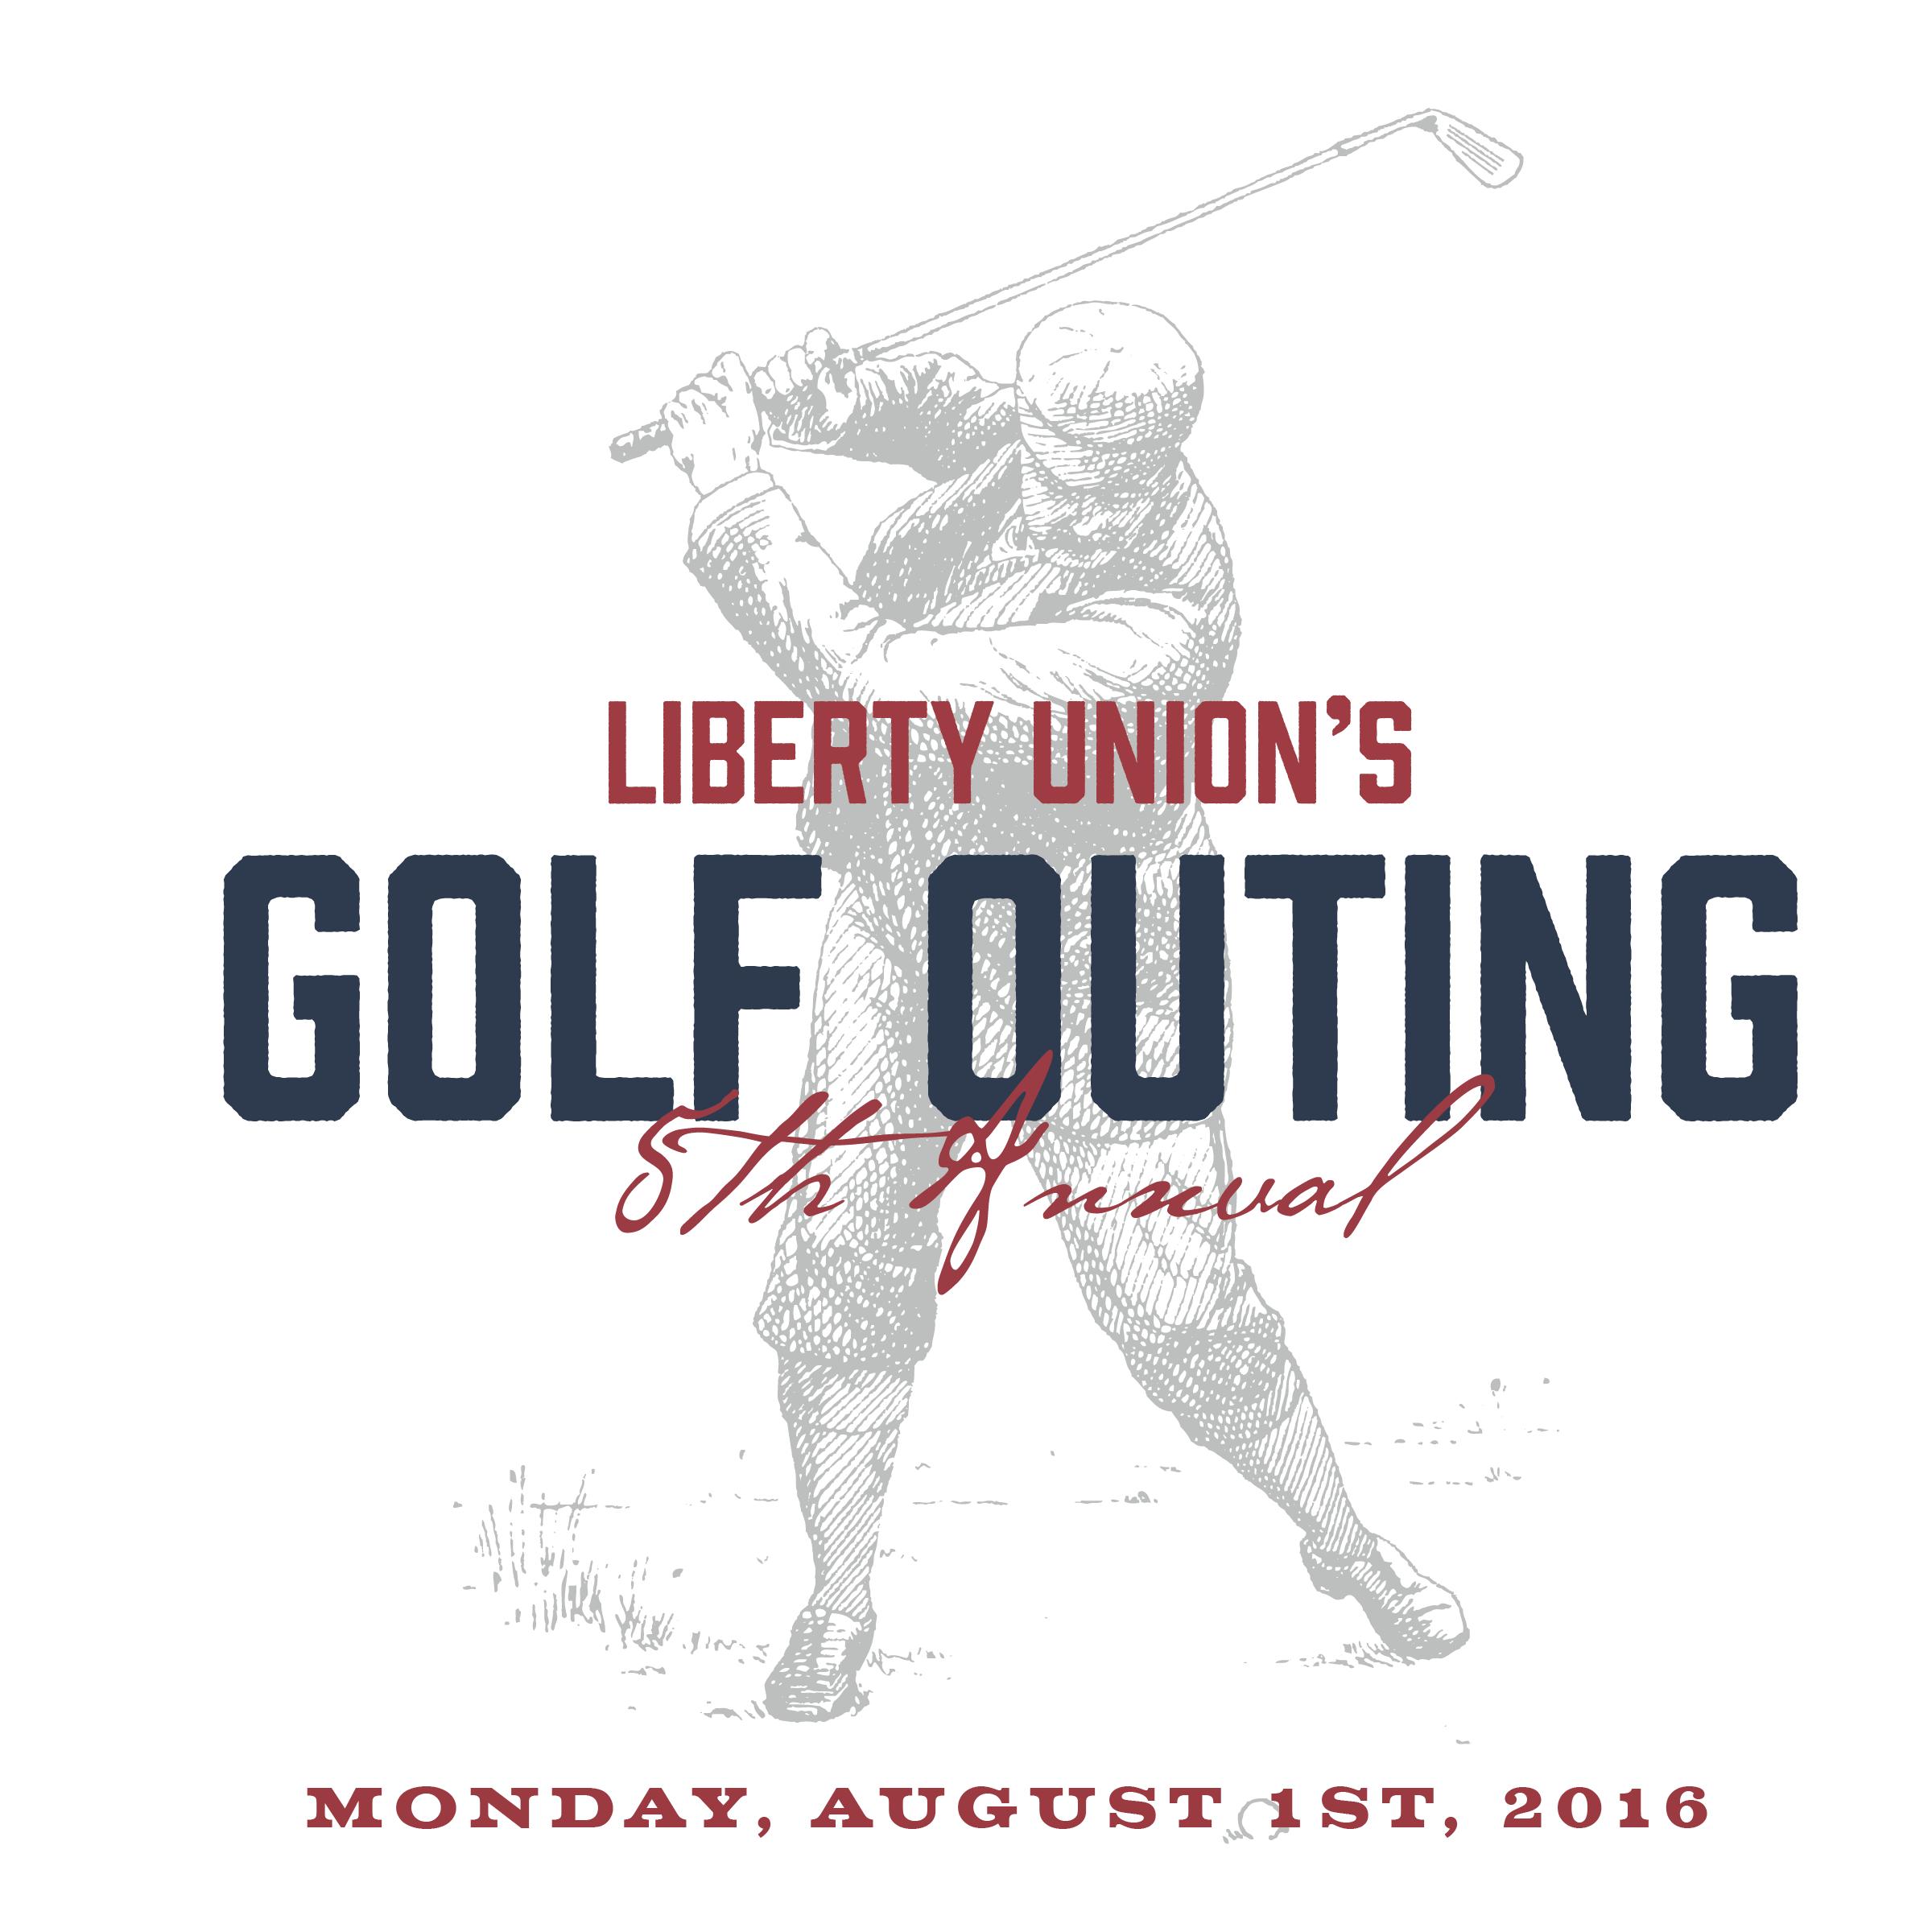 liberty-union-logo-09